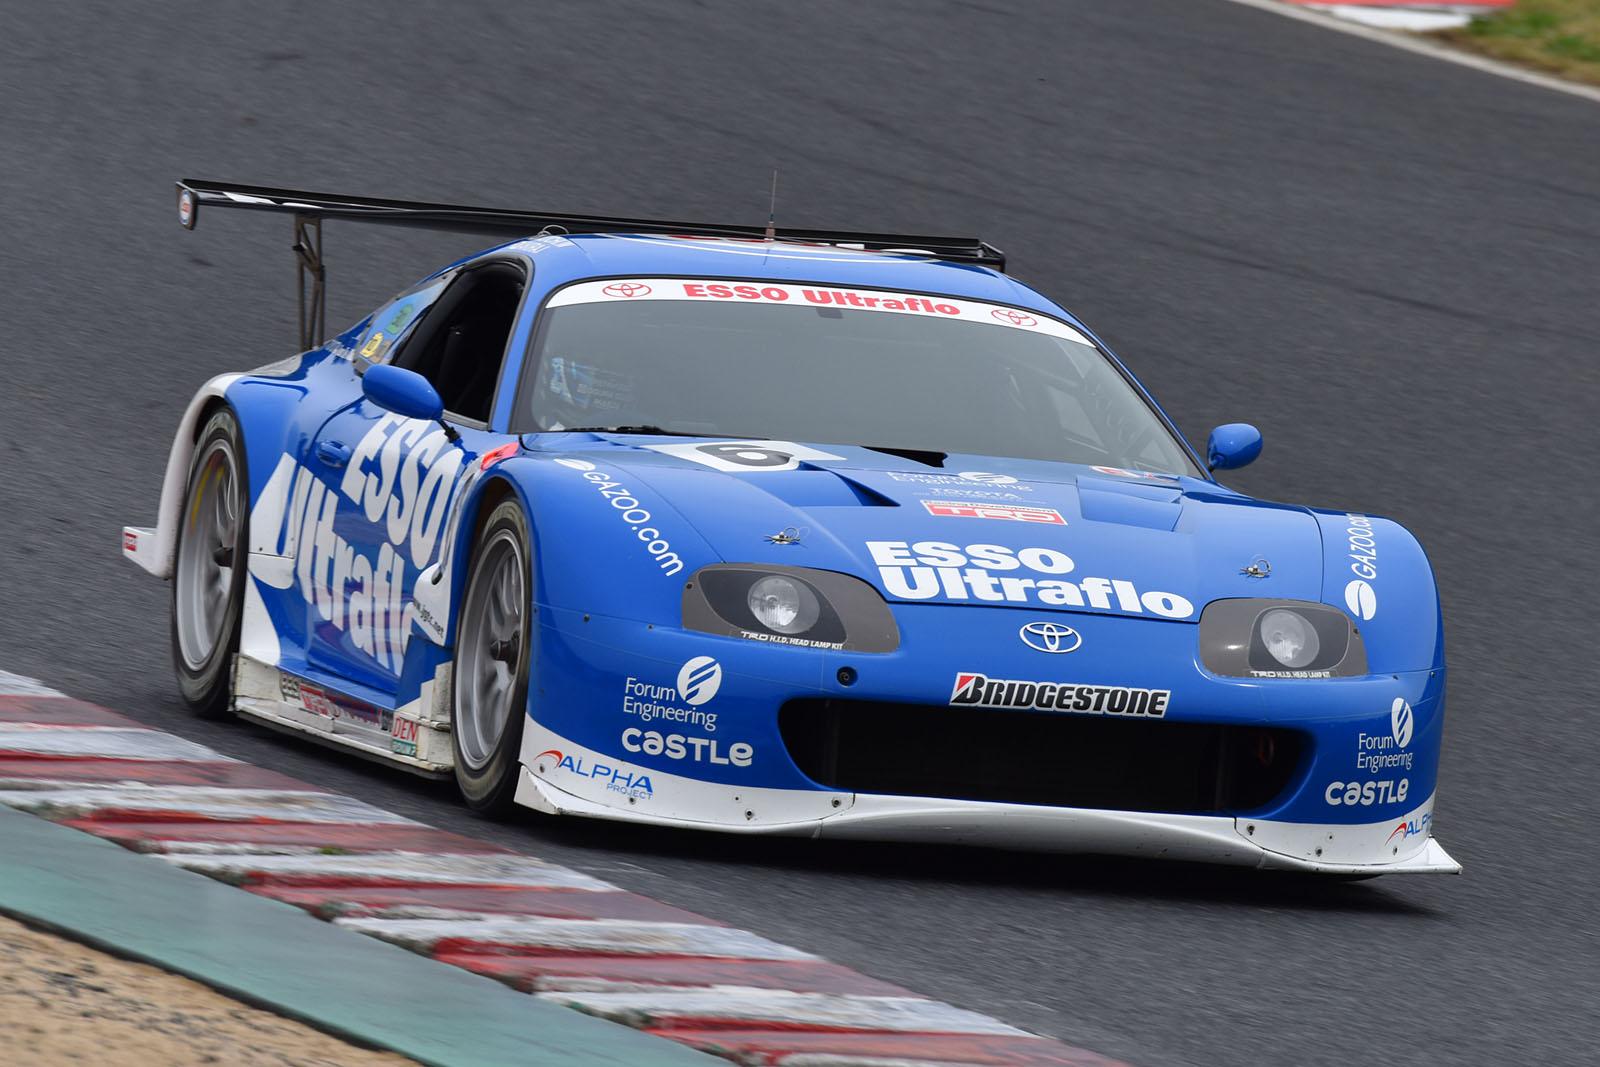 2016年のSUPER GT開幕戦 岡山で脇阪氏がドライブを披露した「ESSO Ultraflo スープラ」が鈴鹿1000kmの関連イベントでもデモランを行なう